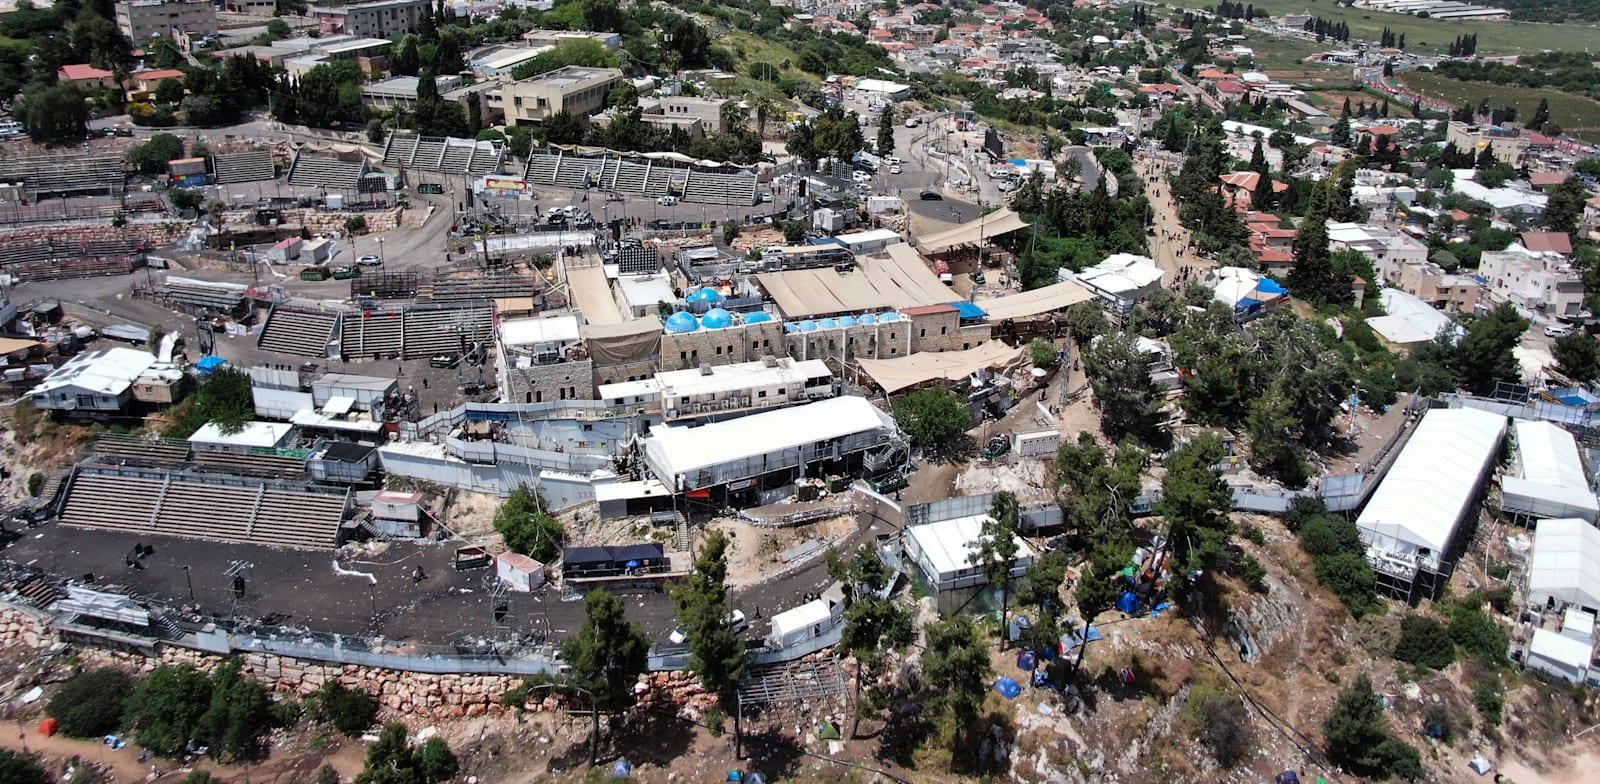 אזור האסון בהר מירון, מבט עילי